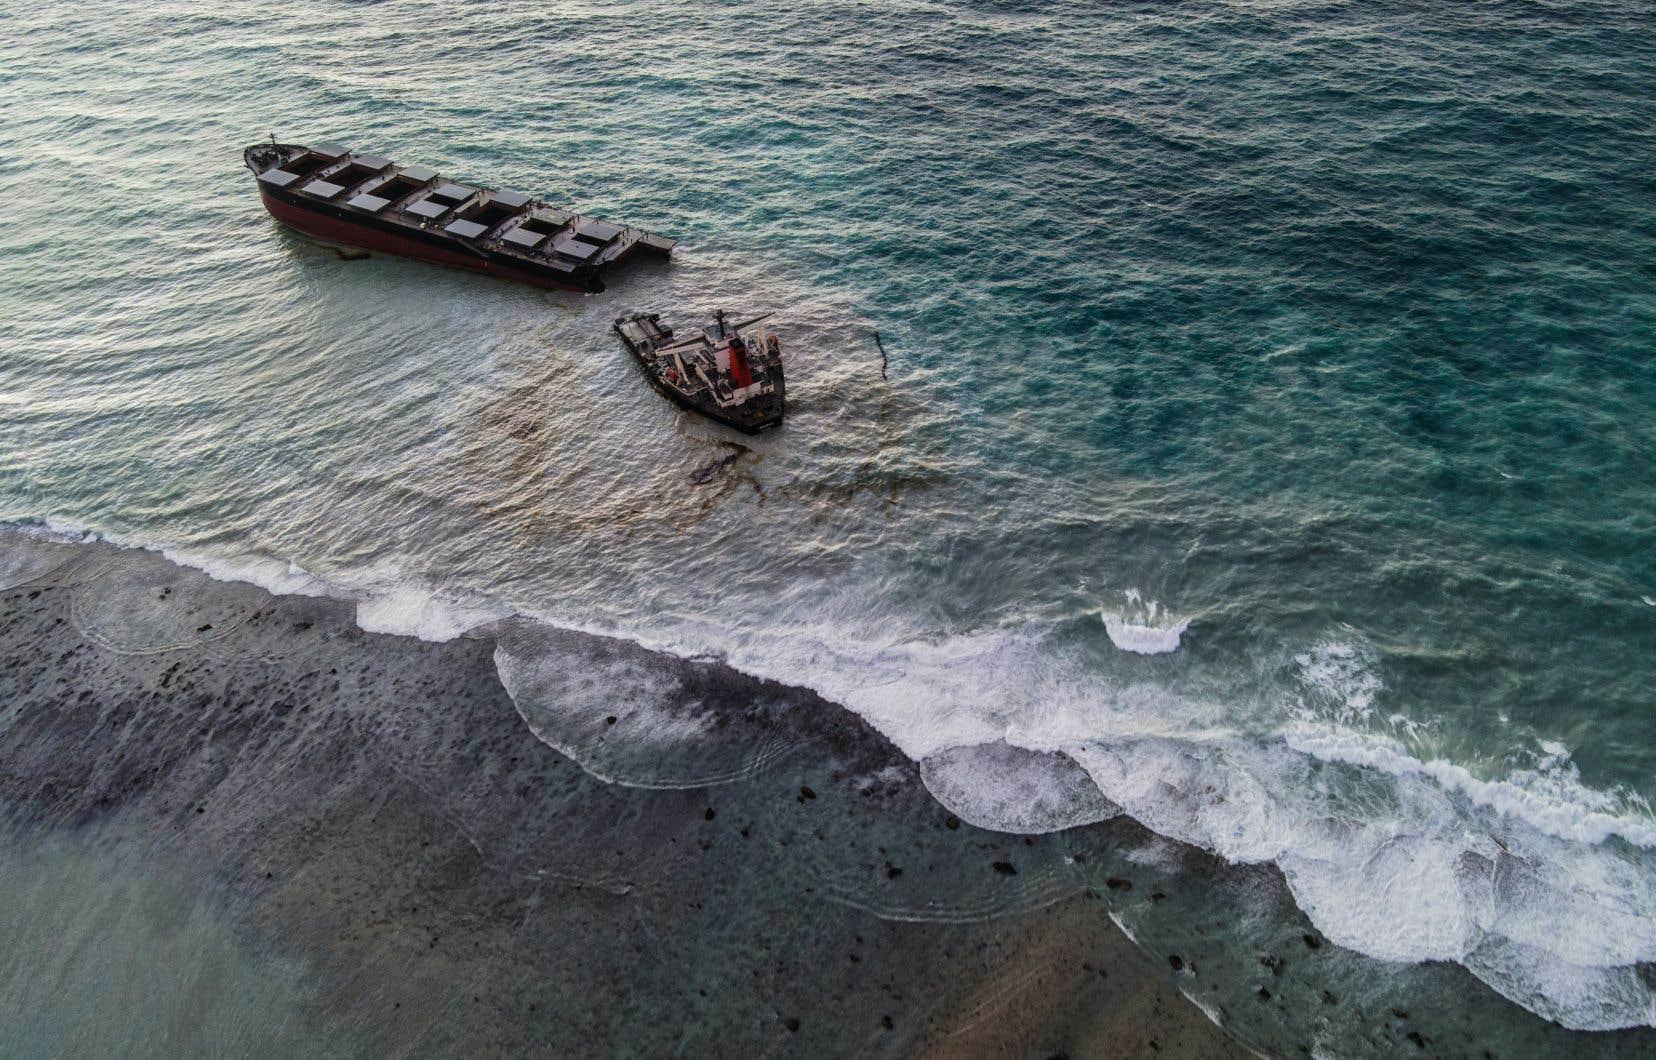 Selon les autorités, il restait environ 90 tonnes de carburant à bord au moment où le bateau s'est cassé en deux.